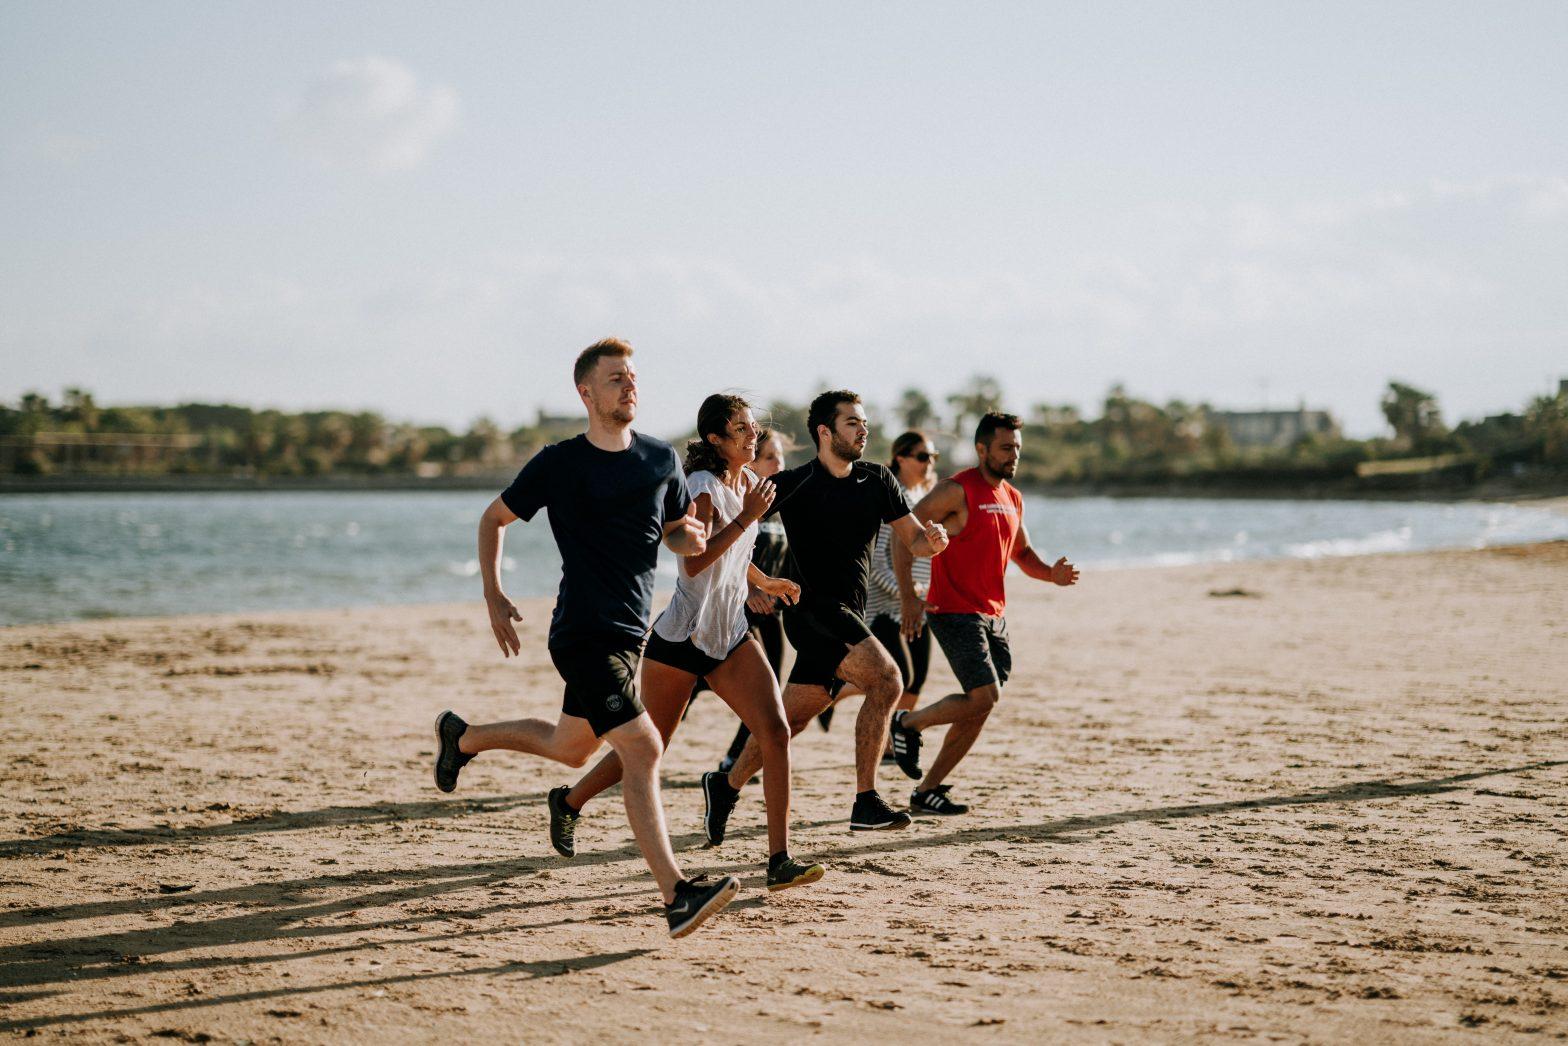 Paskirstytos lėšos fizinio aktyvumo veiklų, skatinančių fizinio aktyvumo plėtrą, srities projektams